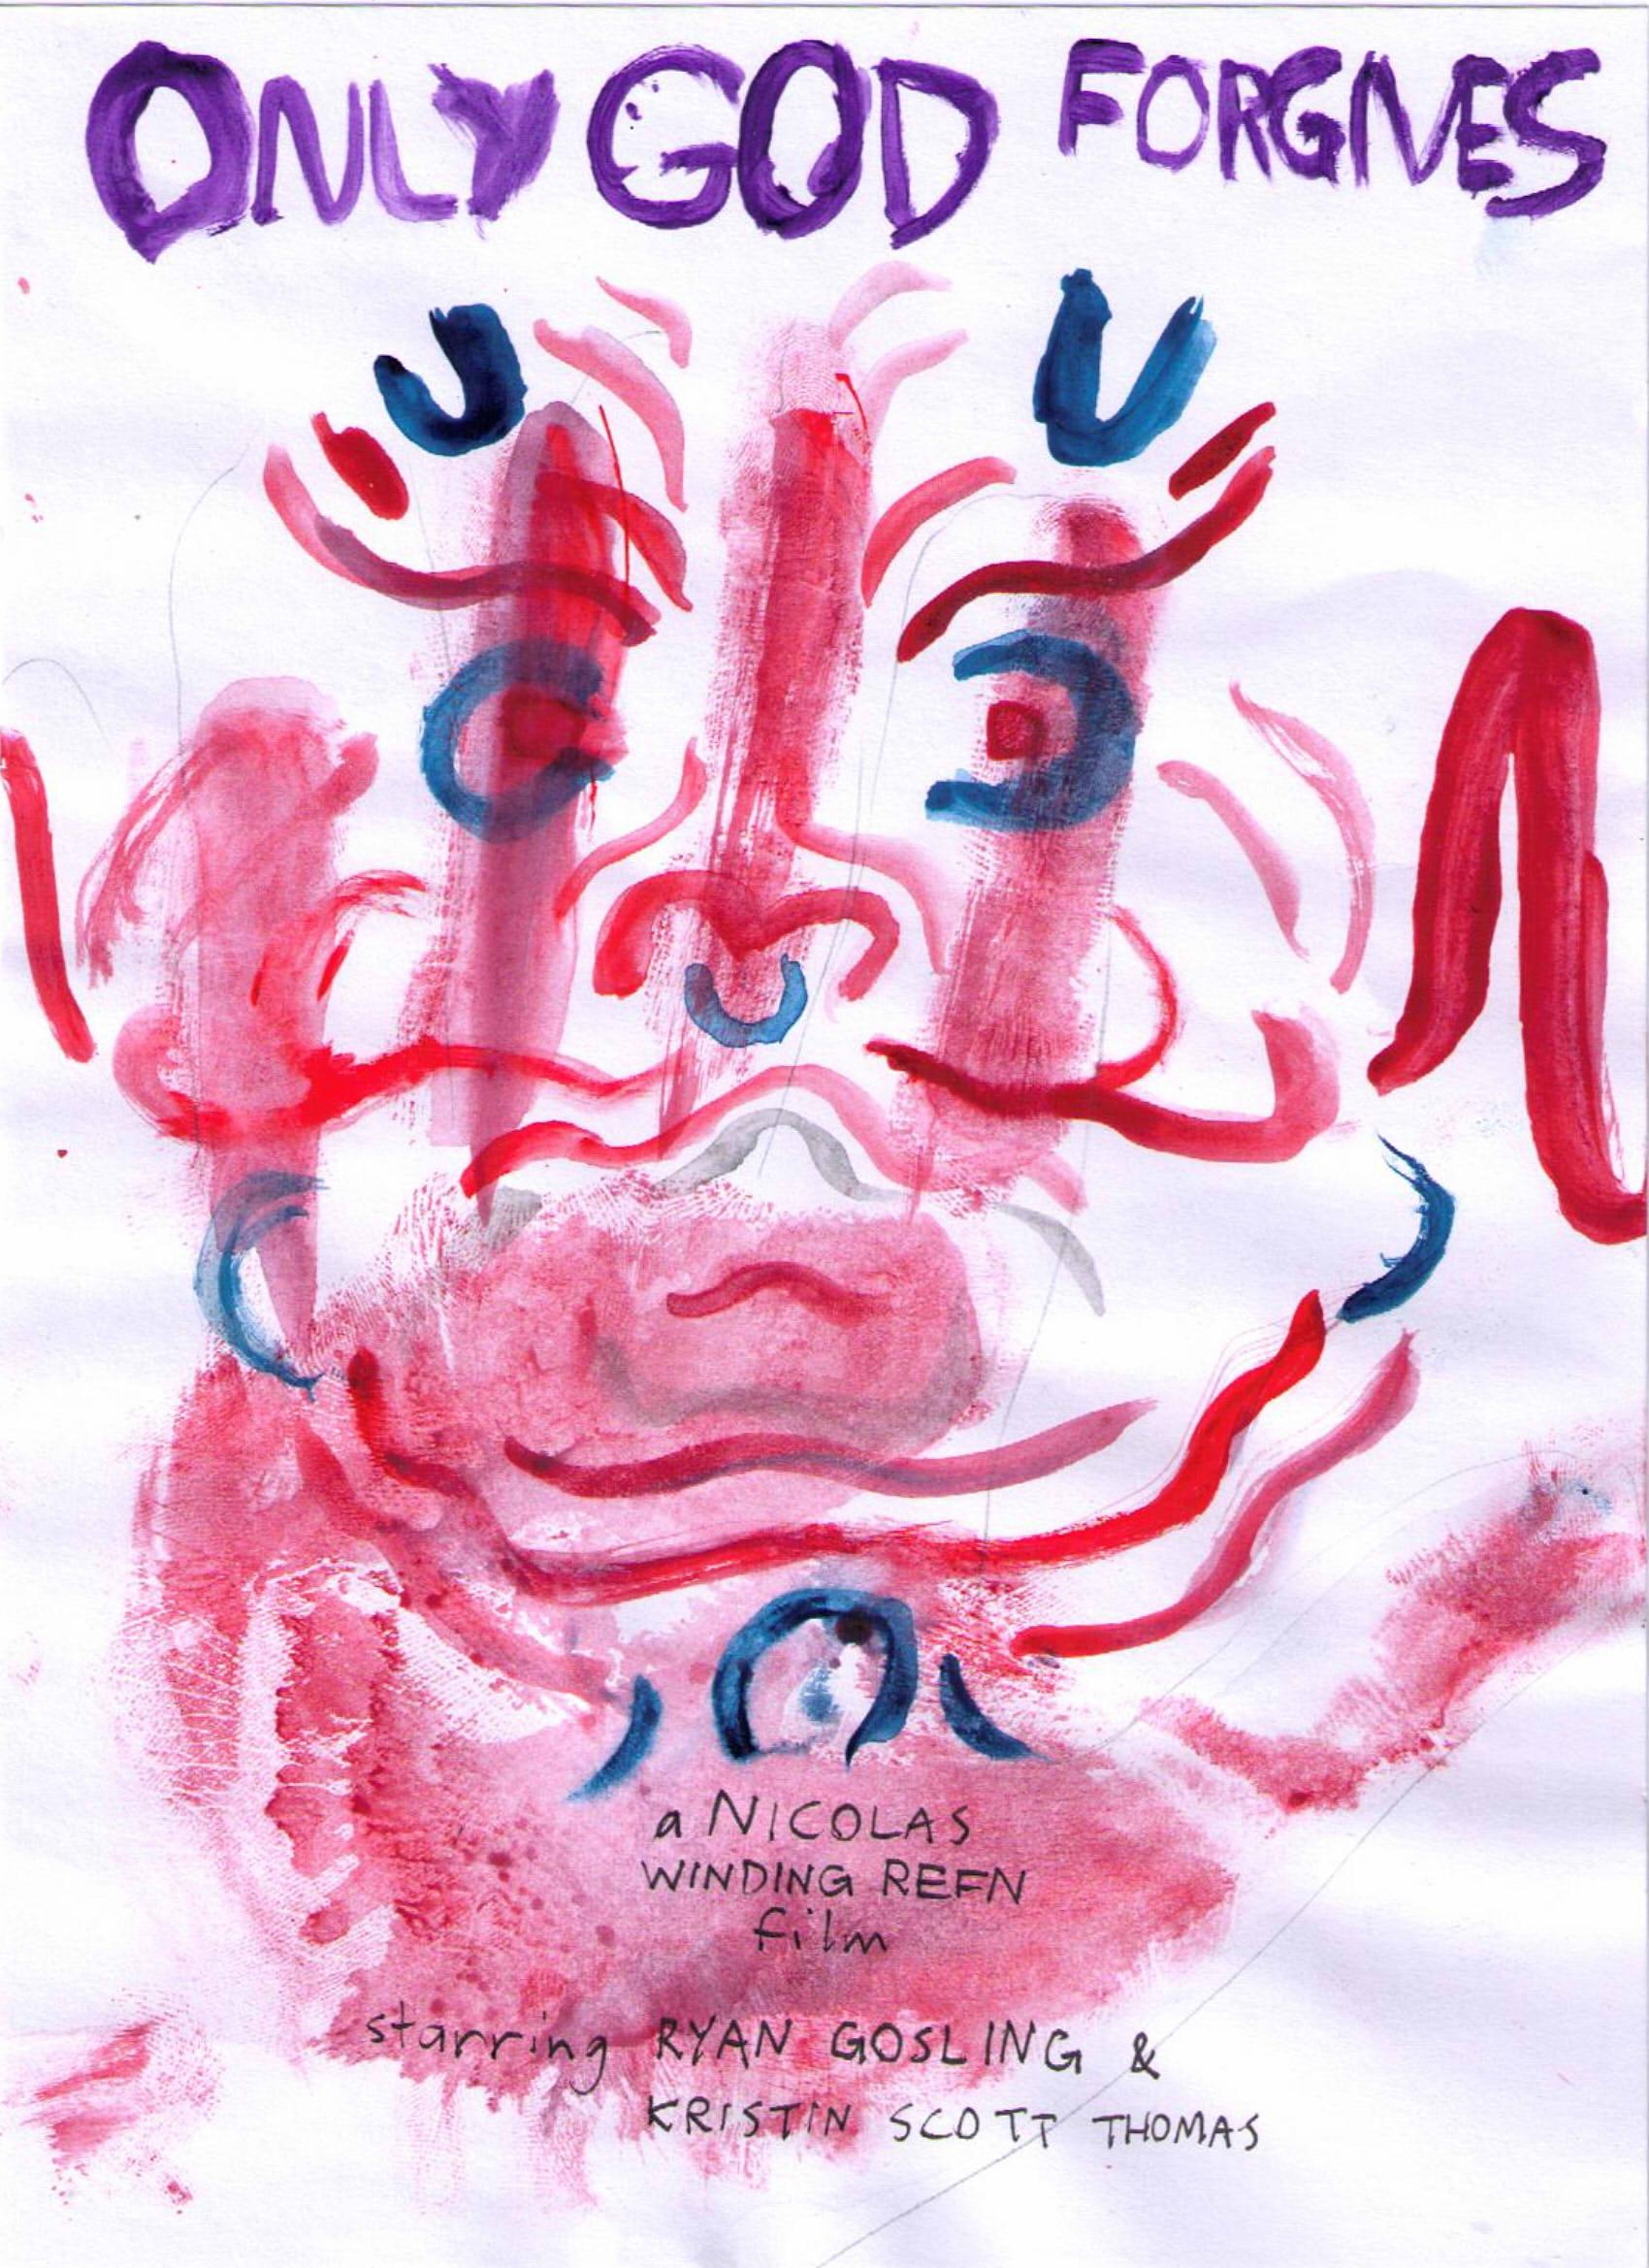 Only God Forgives Neon Poster Refn/Gosling Art Poste...